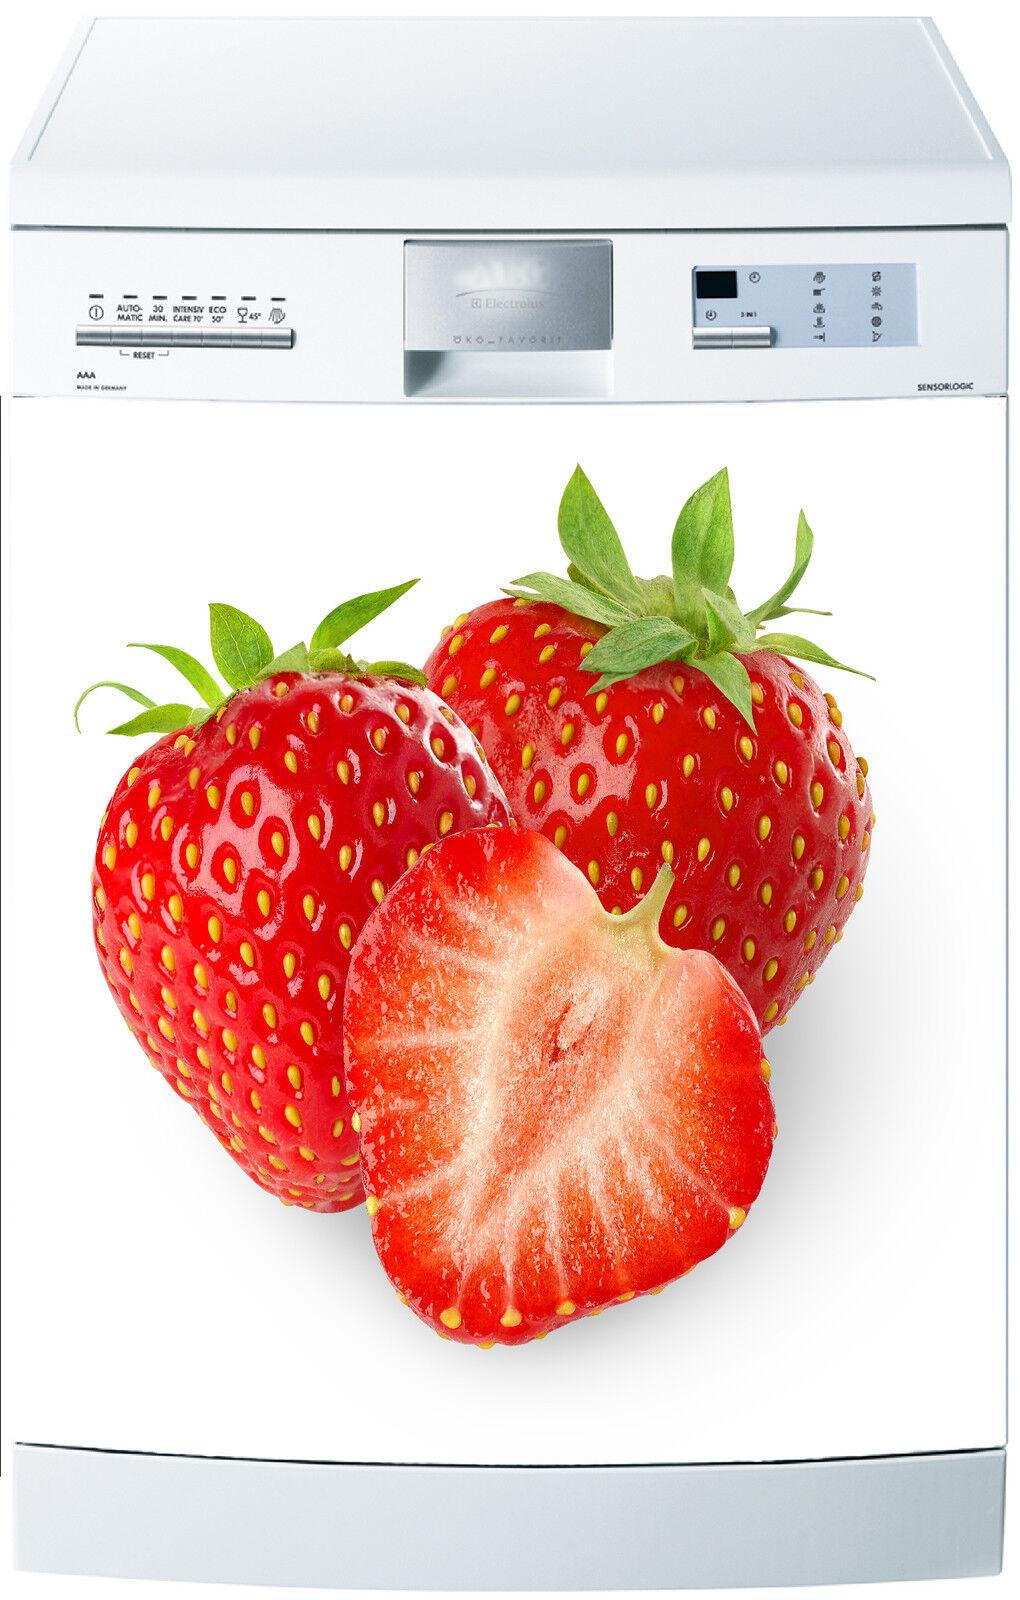 Adesivo Lavastoviglie Decocrazione Cucina Elettrodomestici Fragole Ref 599